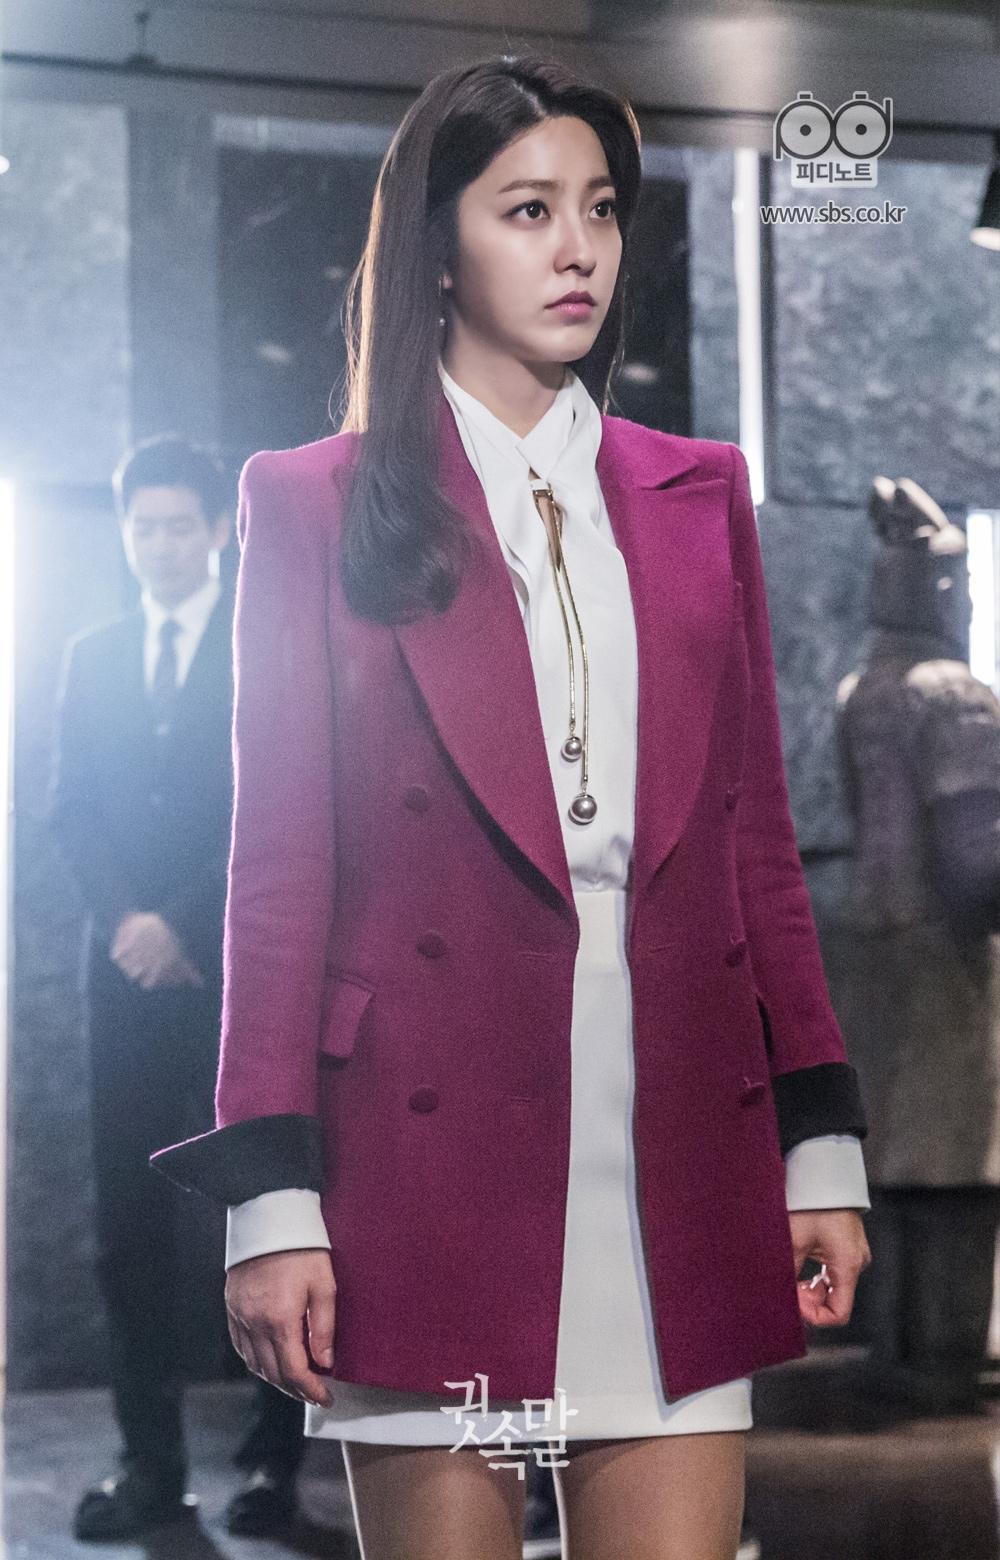 강렬한 분홍색 자켓을 입고 서 있는 명품 아우라를 풍기는 박세영 이미지